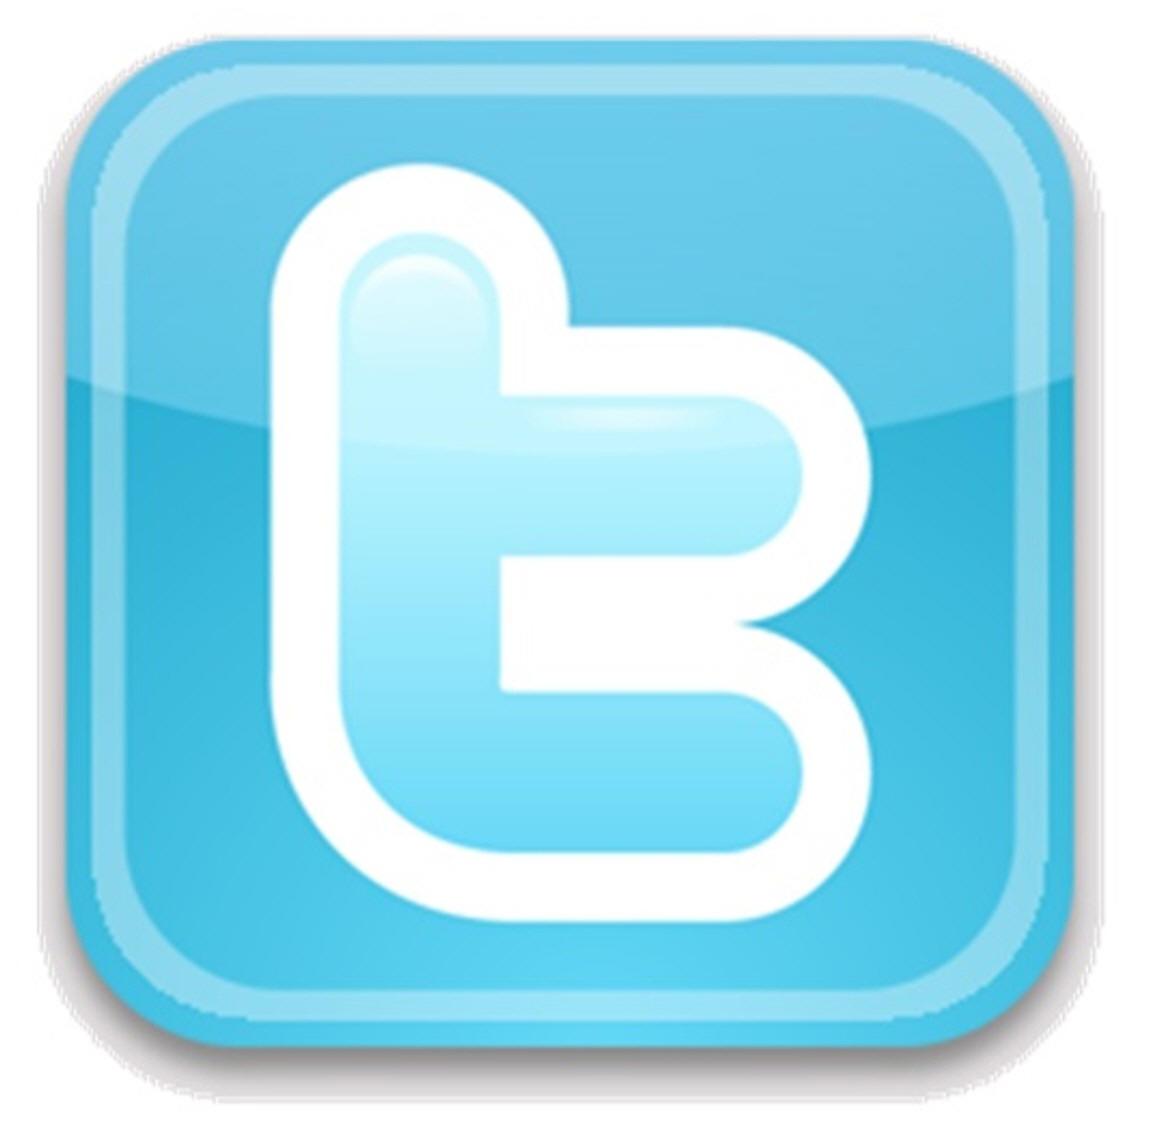 follow-us-on-twitter.jpg